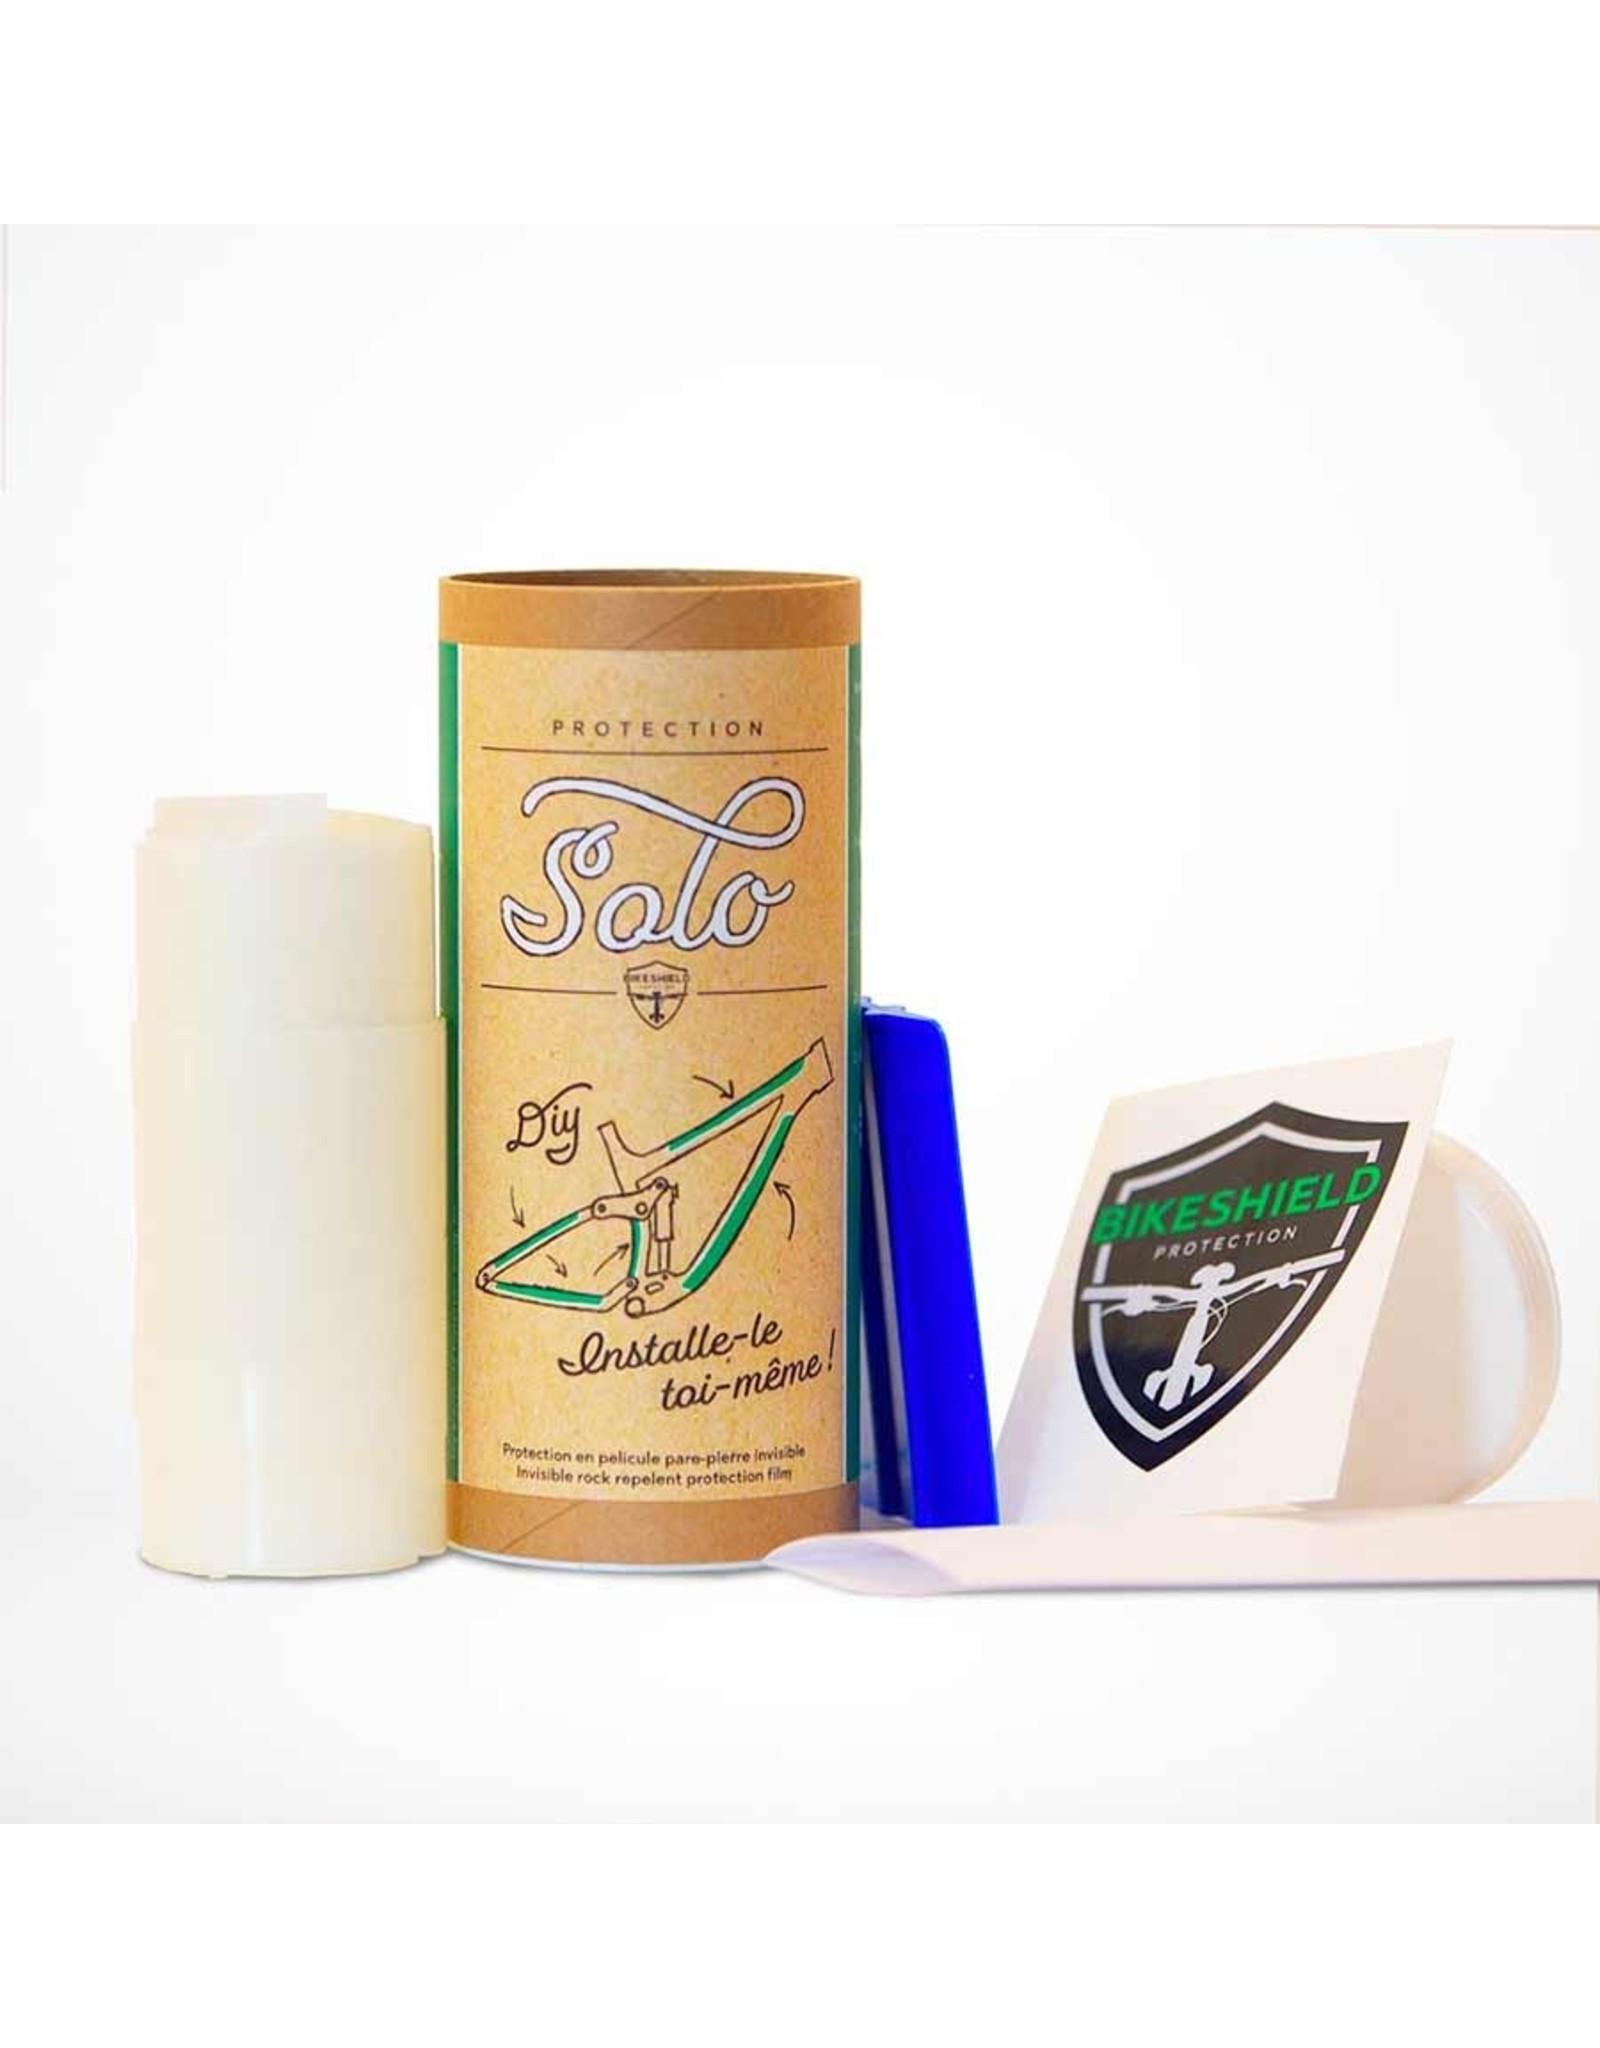 Bikeshield Protection Bikeshield Protection, Solo, Gloss